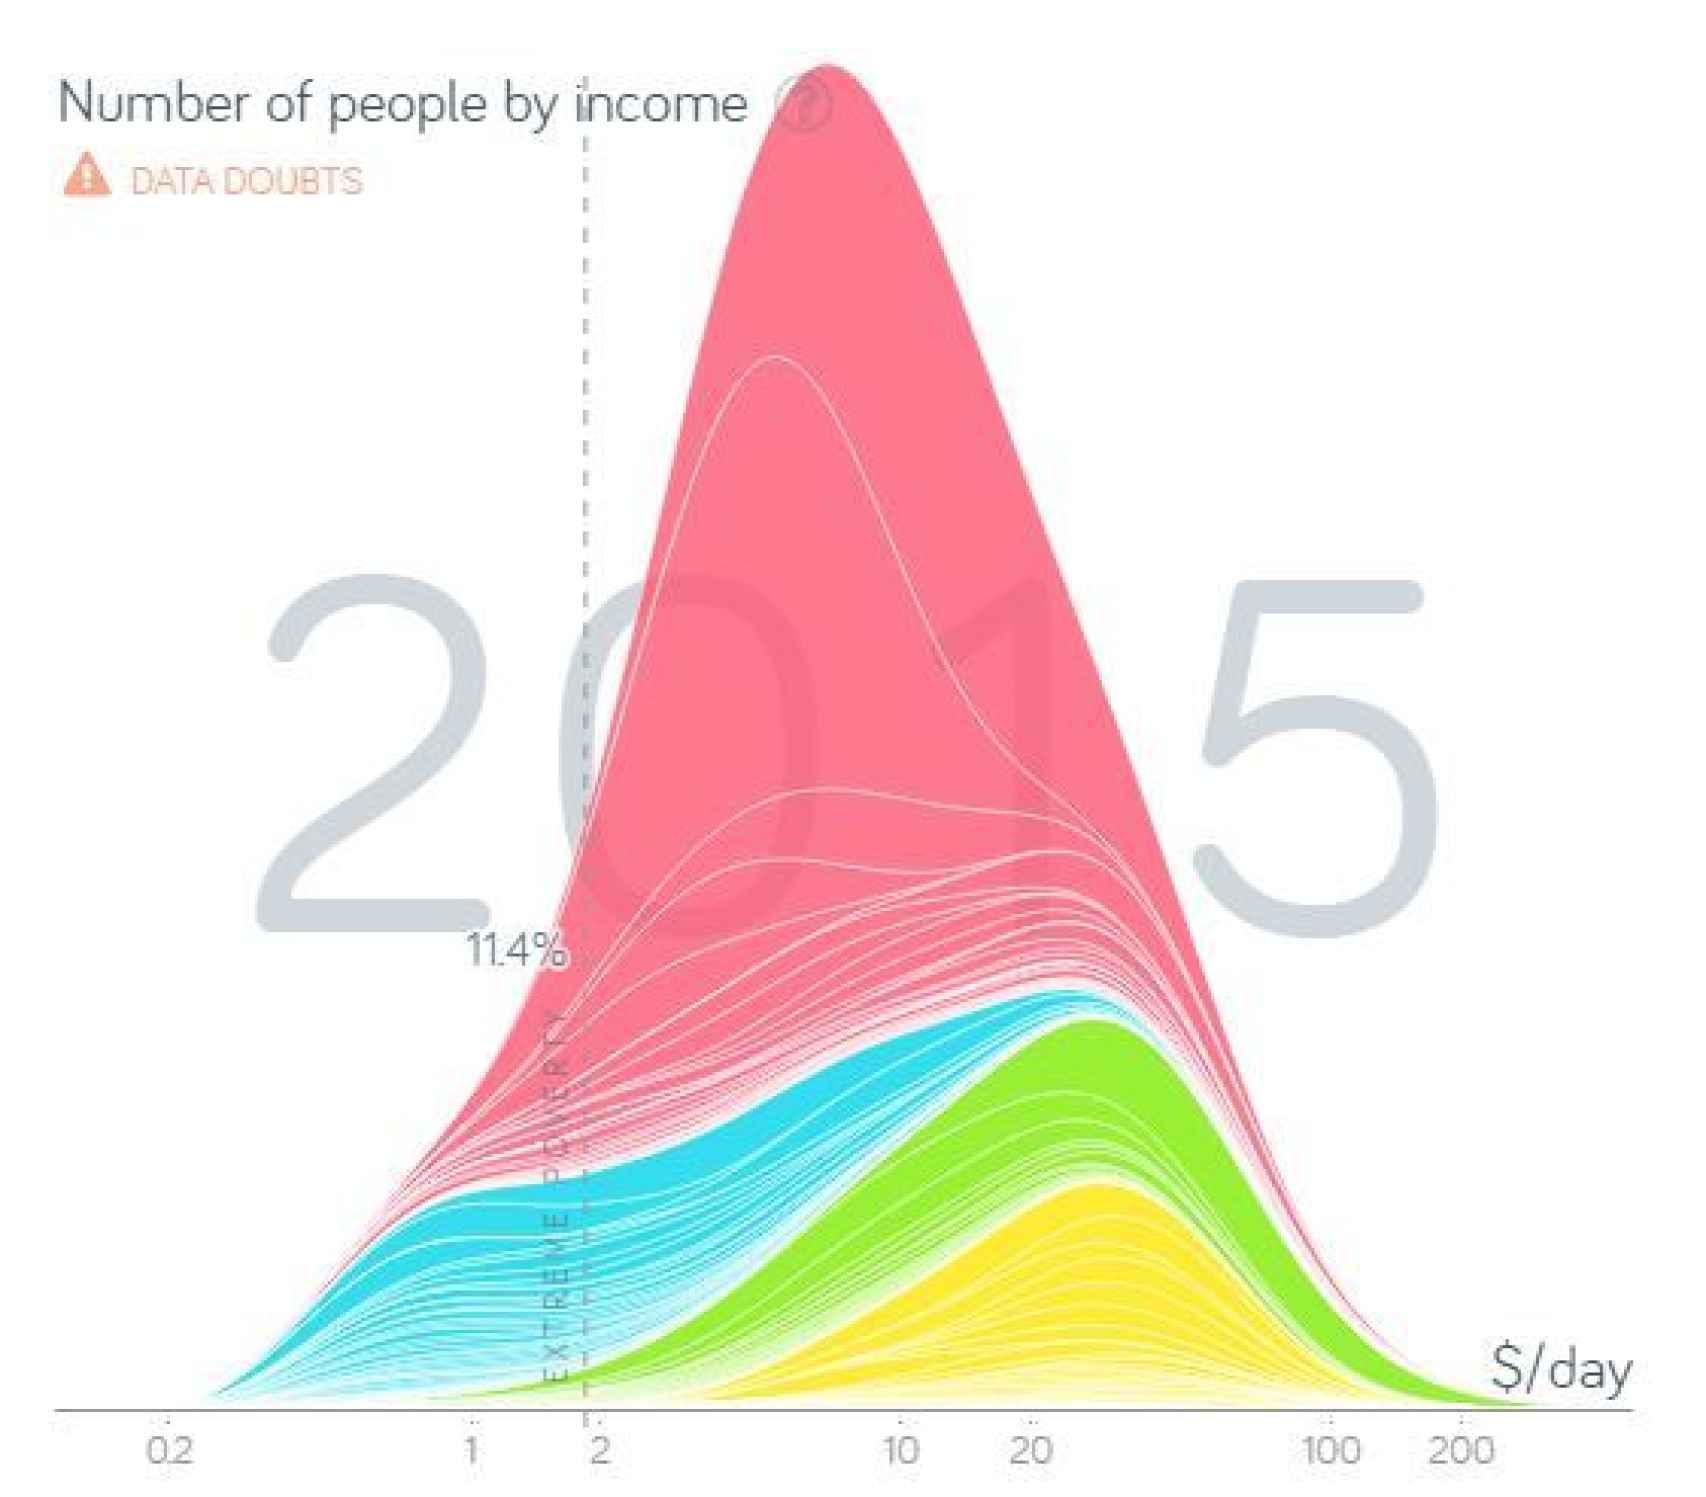 Cuánta gente hay viviendo con cuánto dinero en 2015.